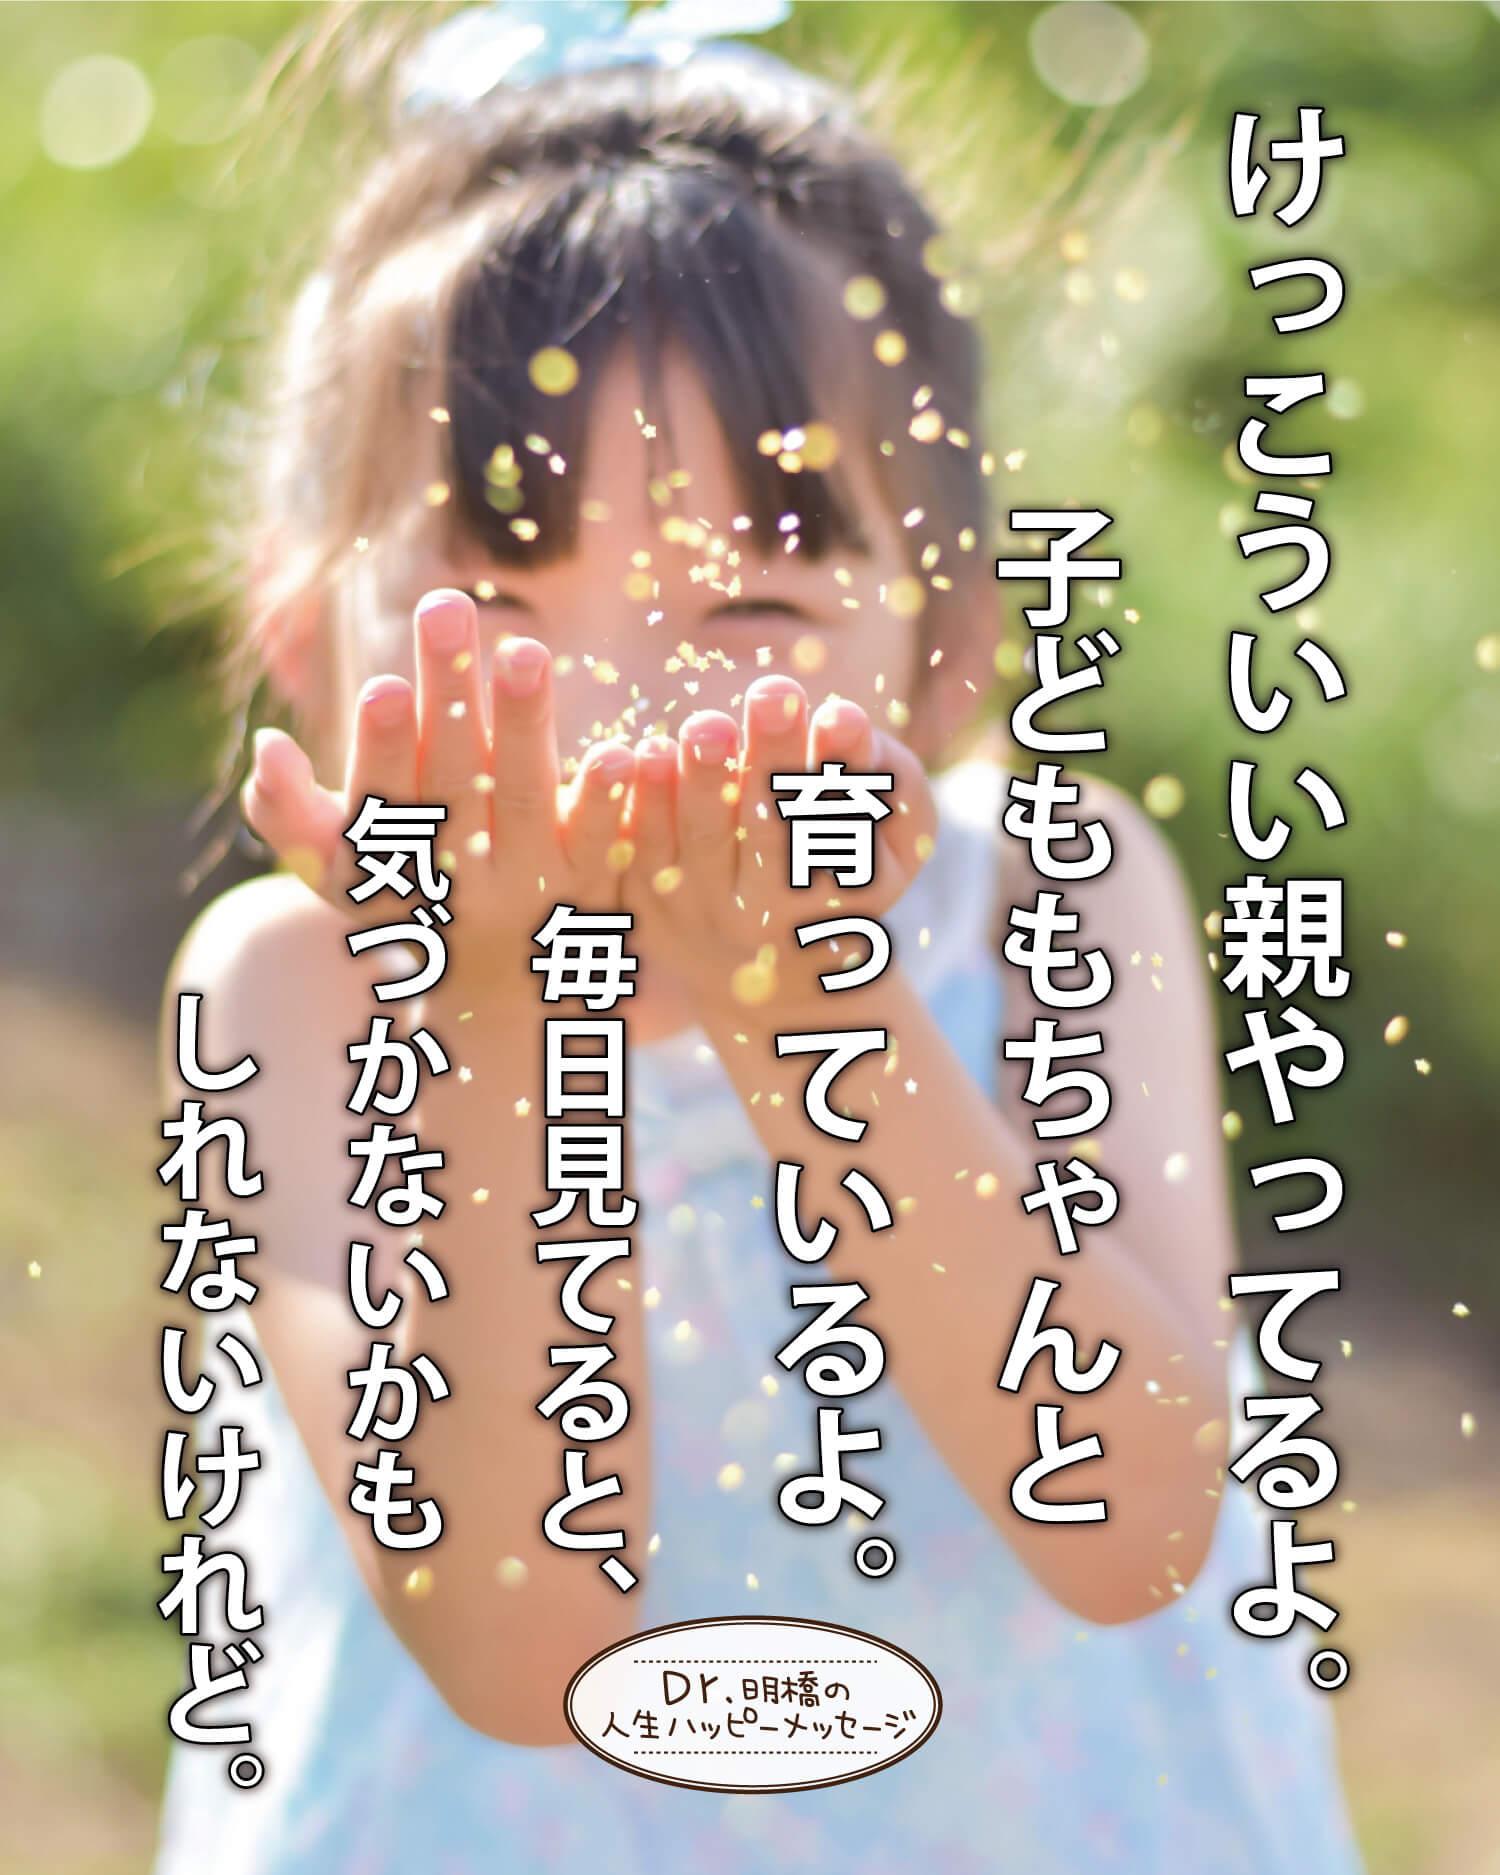 3月19日ハッピーメッセージの画像1